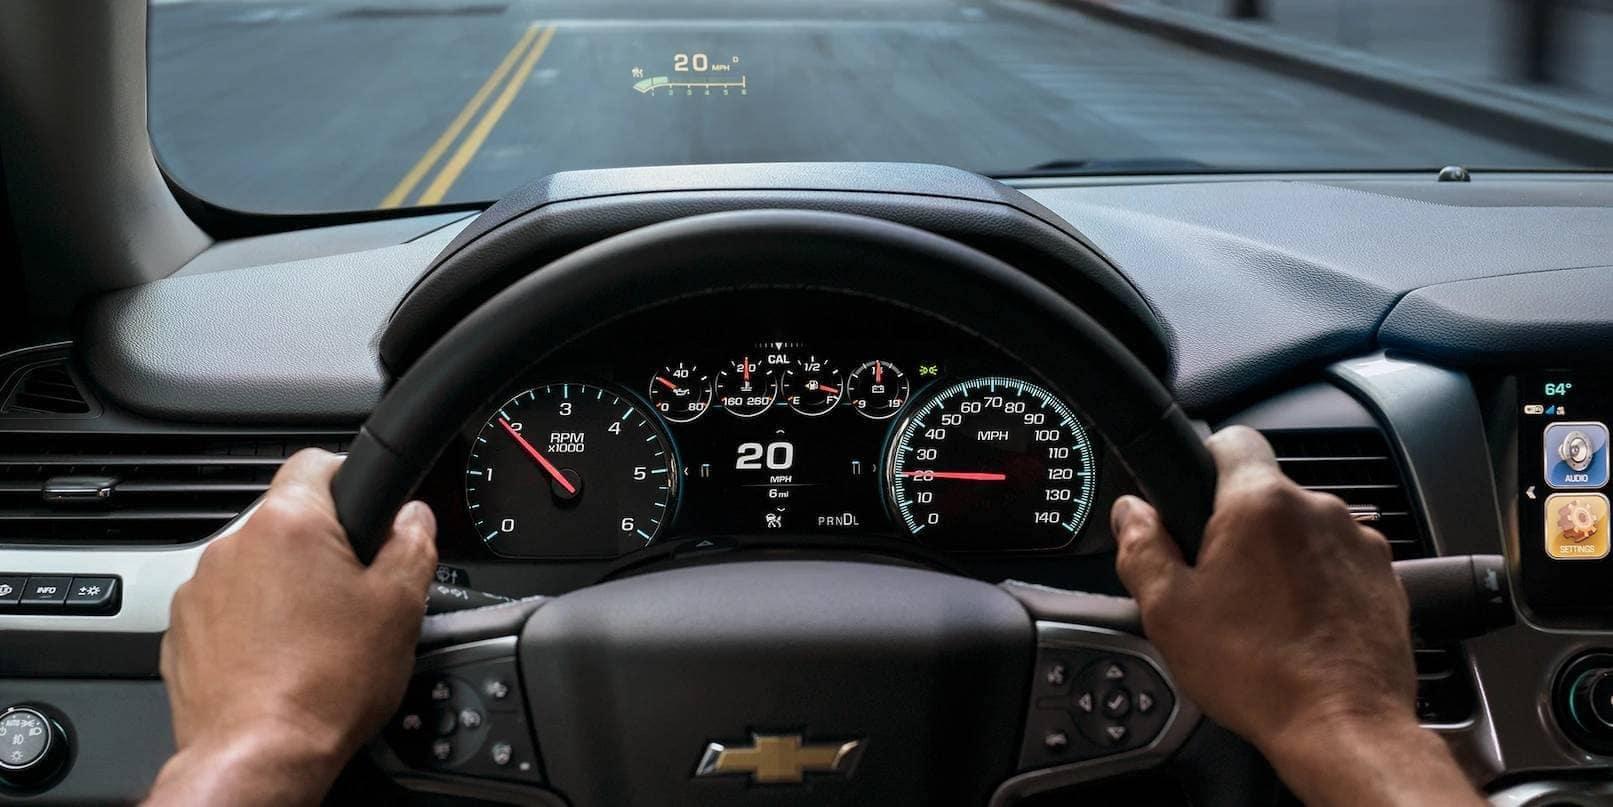 2019 Chevy Tahoe Steering Wheel